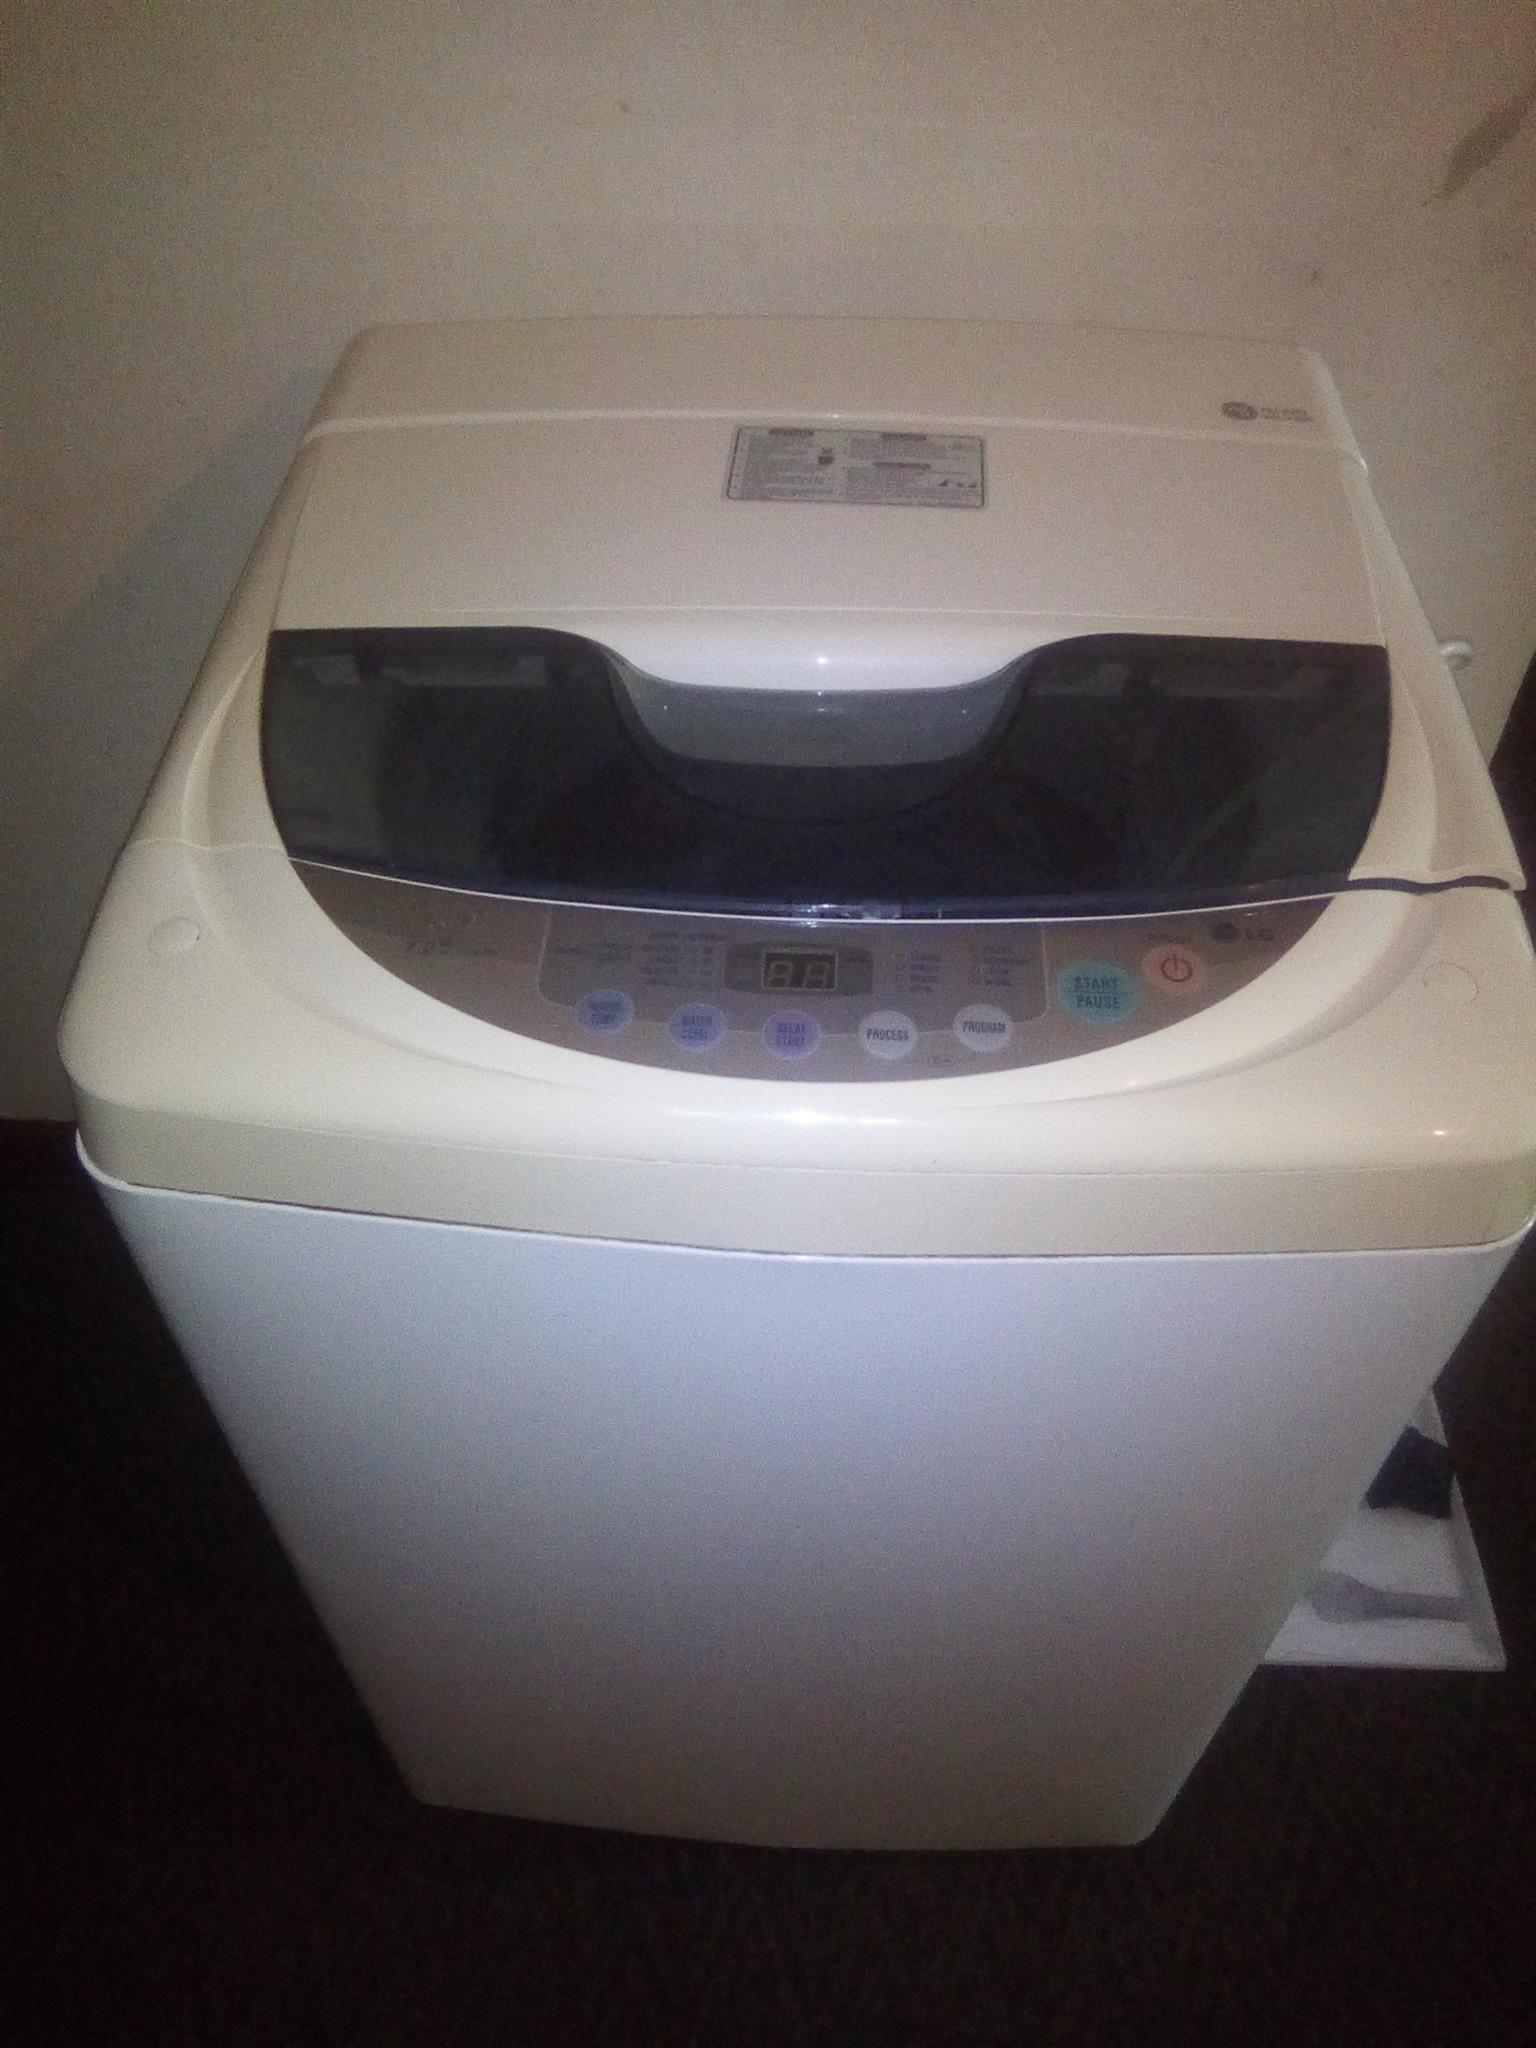 LG 7.2 top loader washing machine